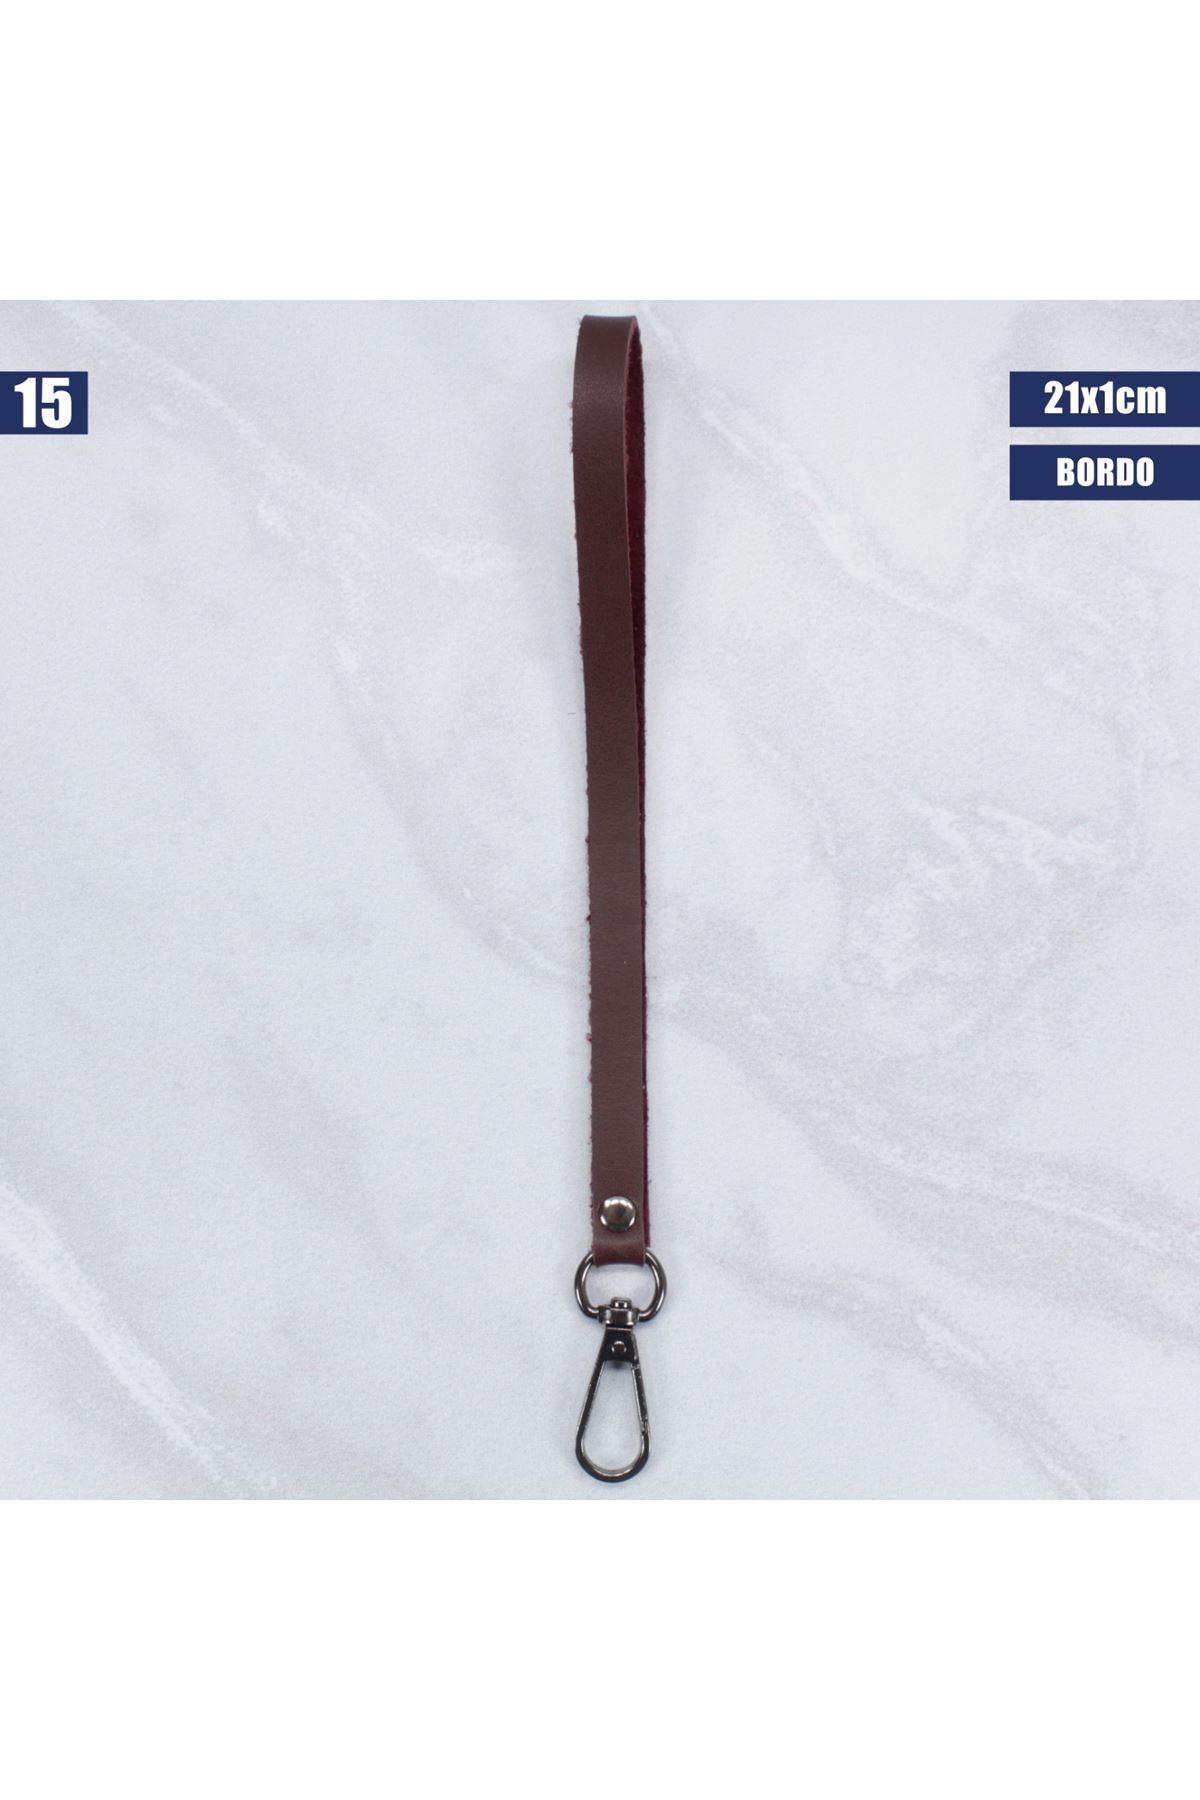 Deri Çanta Elciği - 15